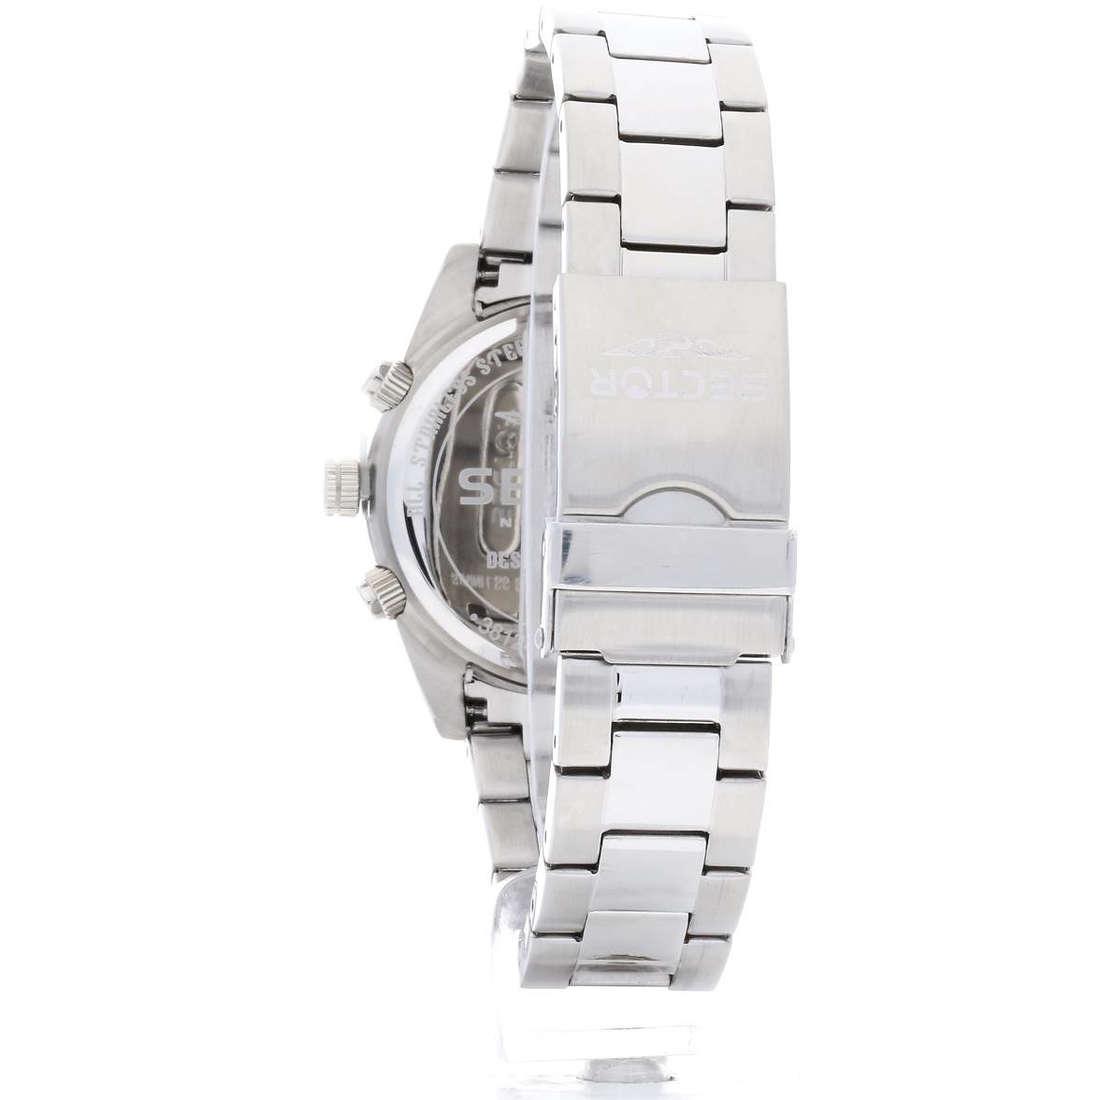 nouvelles montres homme Sector R3273676004